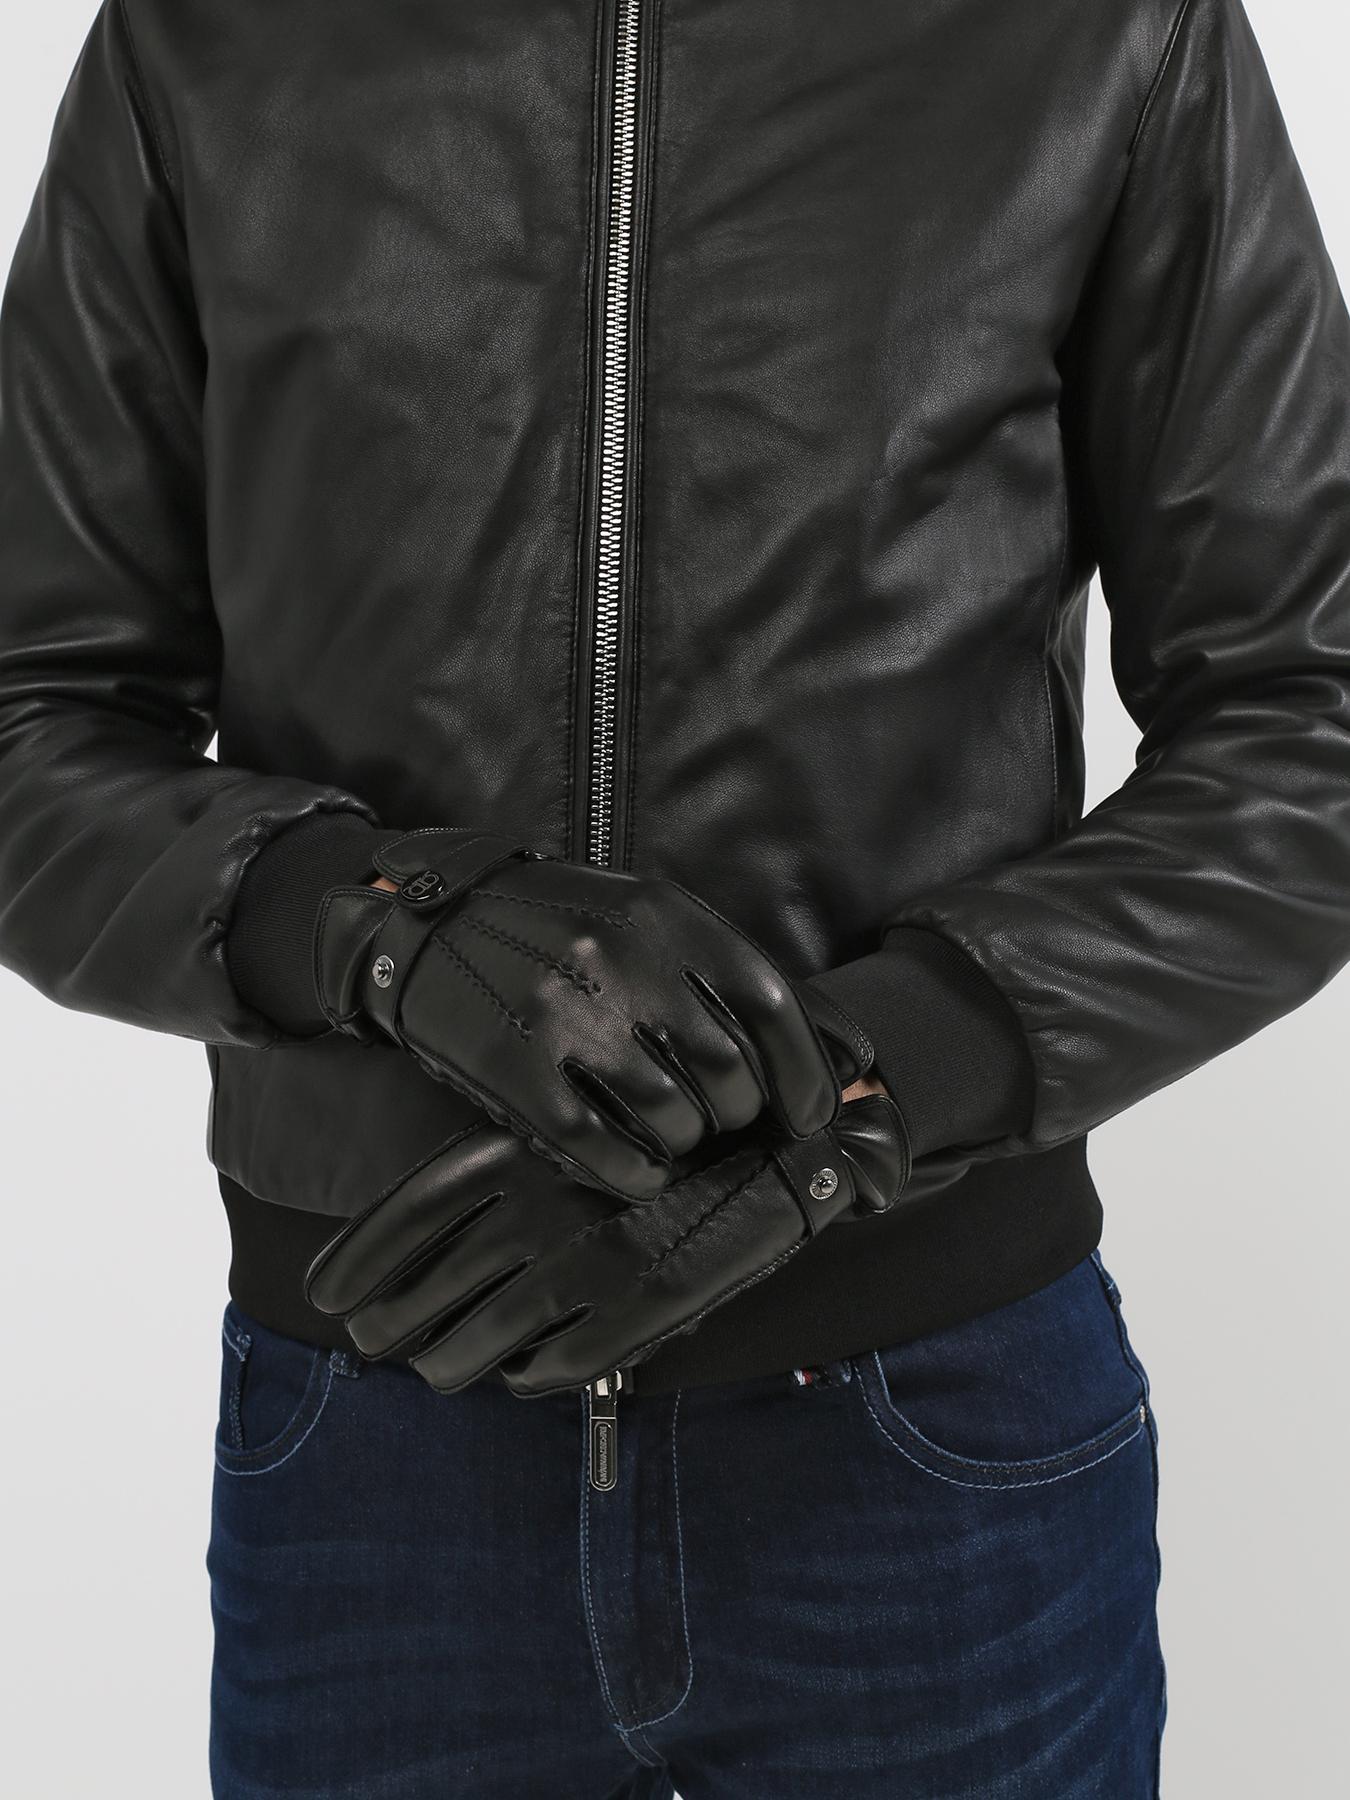 Перчатки Ritter Кожаные перчатки